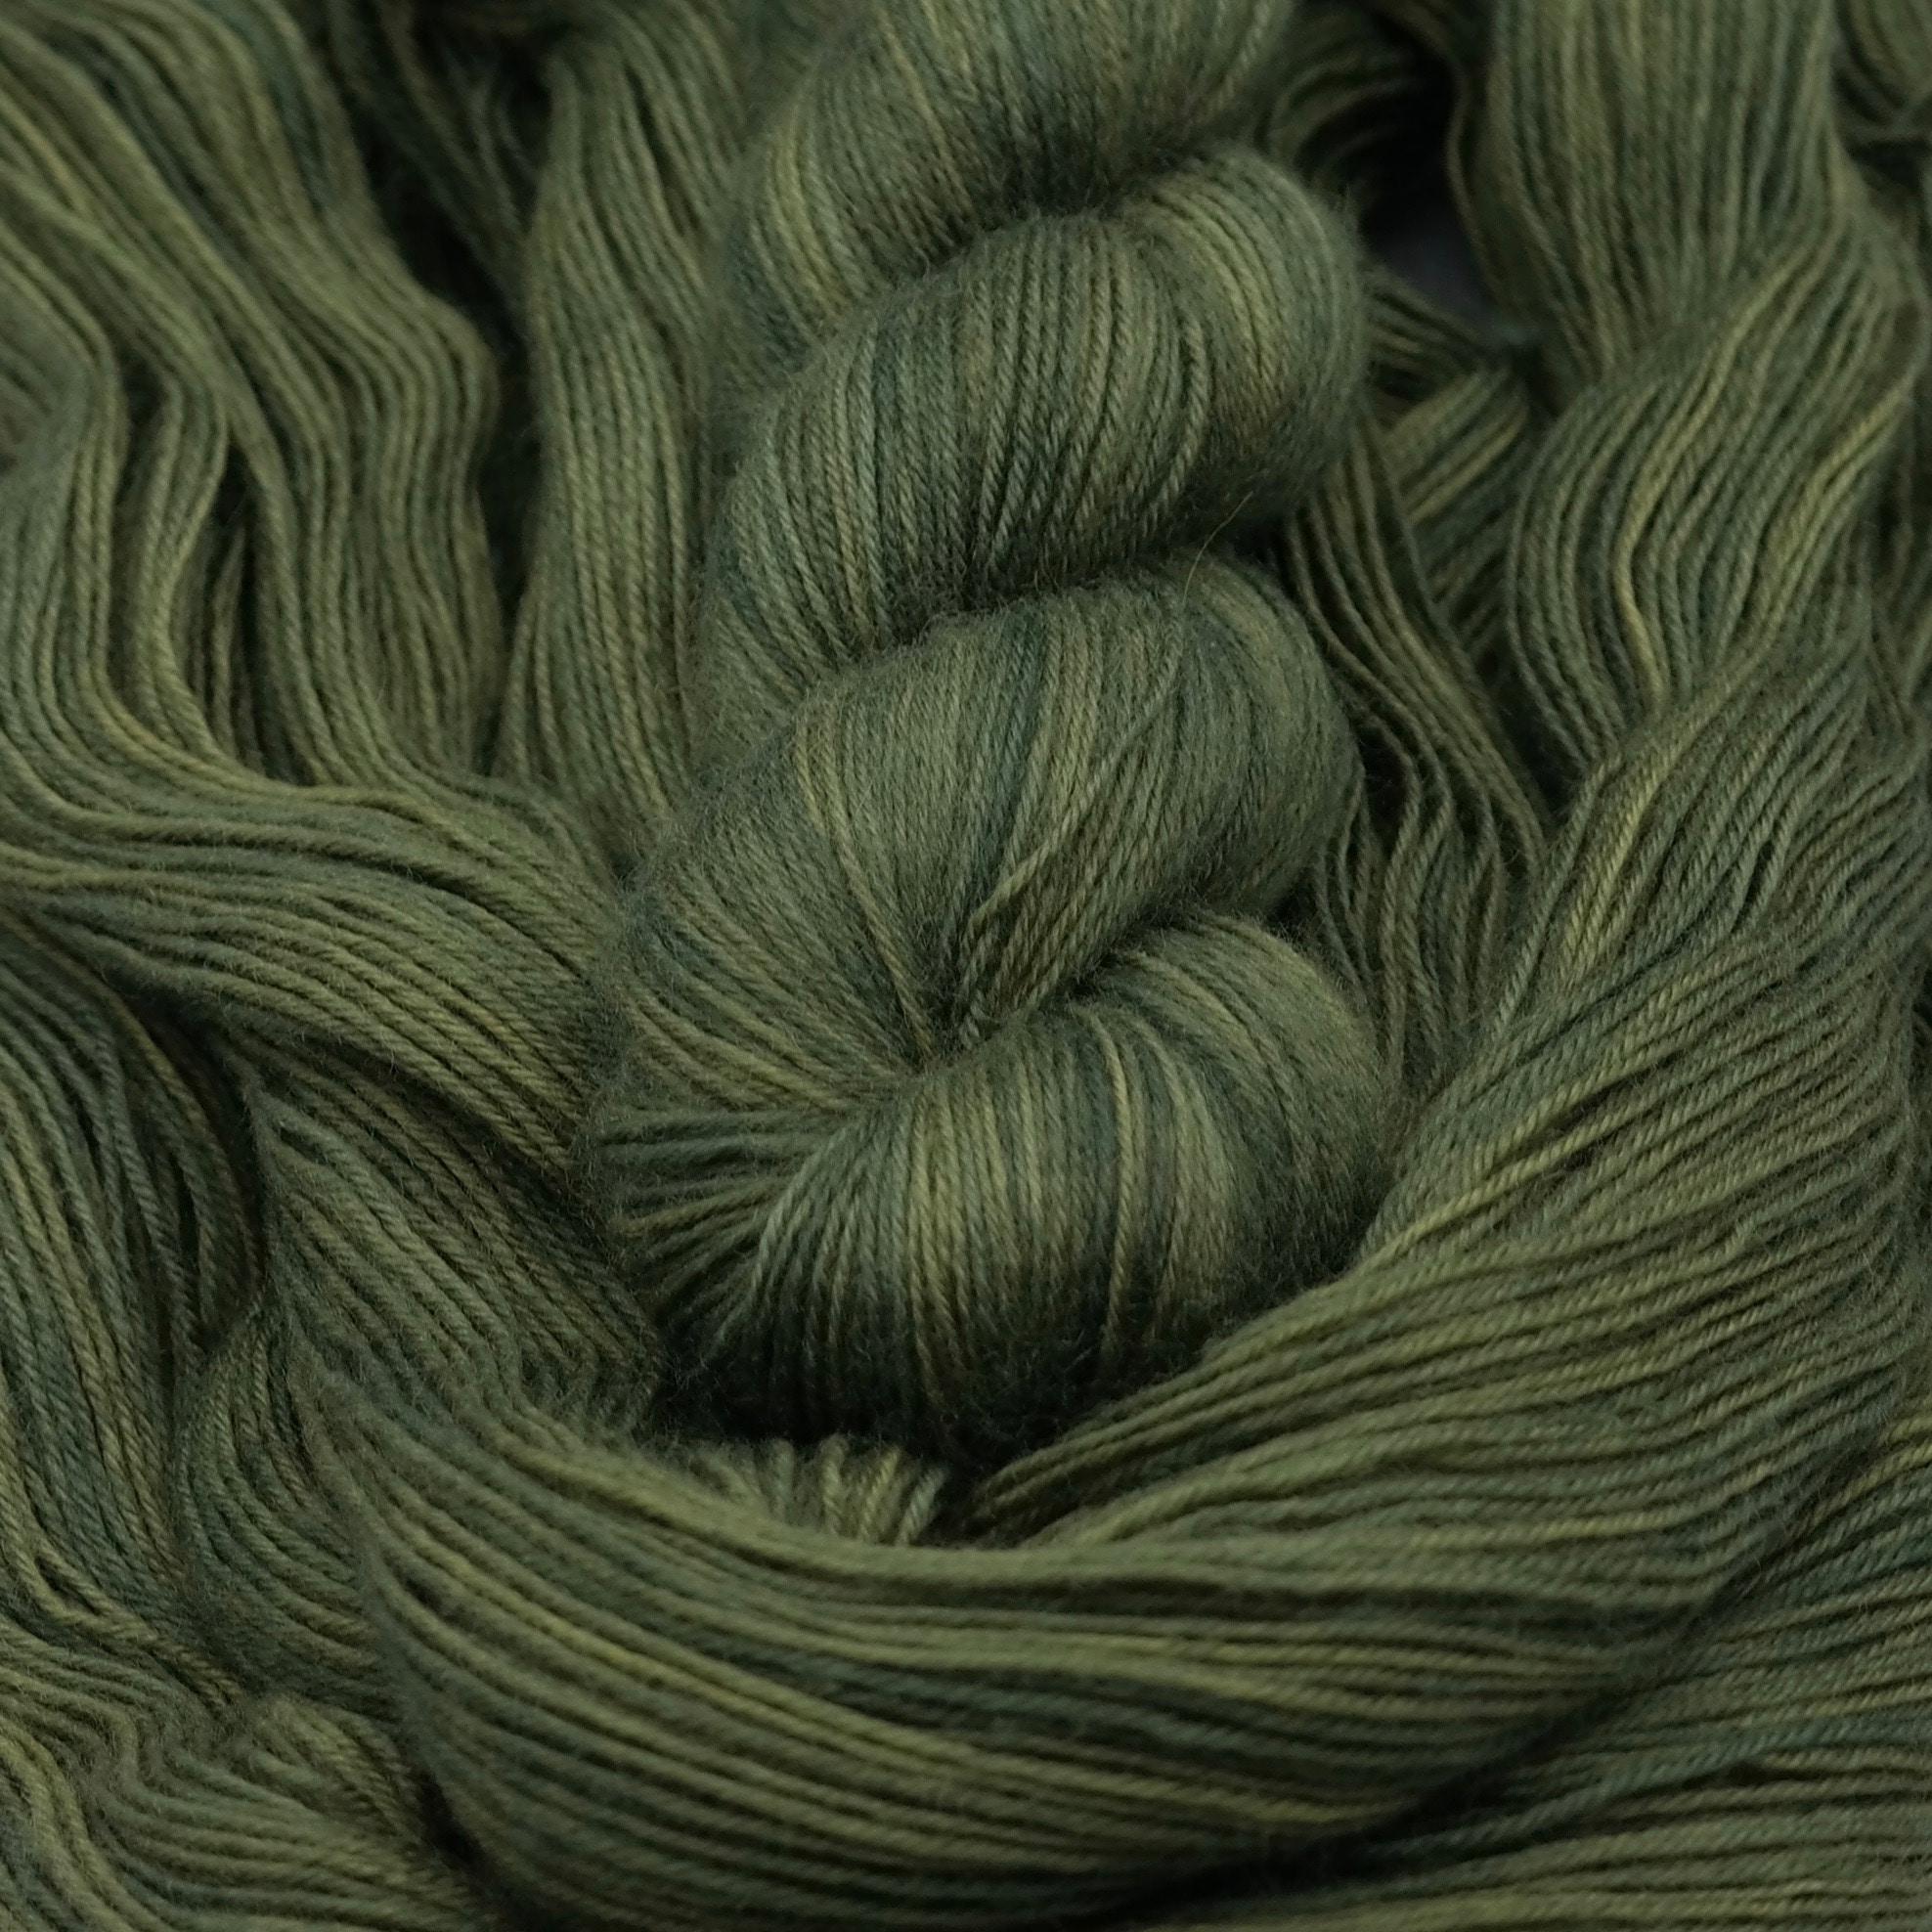 Aïe Aïe Aïe ! Ouille ! | BFL Fingering - Echeveau de laine 100% Bluefaced Leicester teint à la main dans le Nord de la France par Teinturlurée